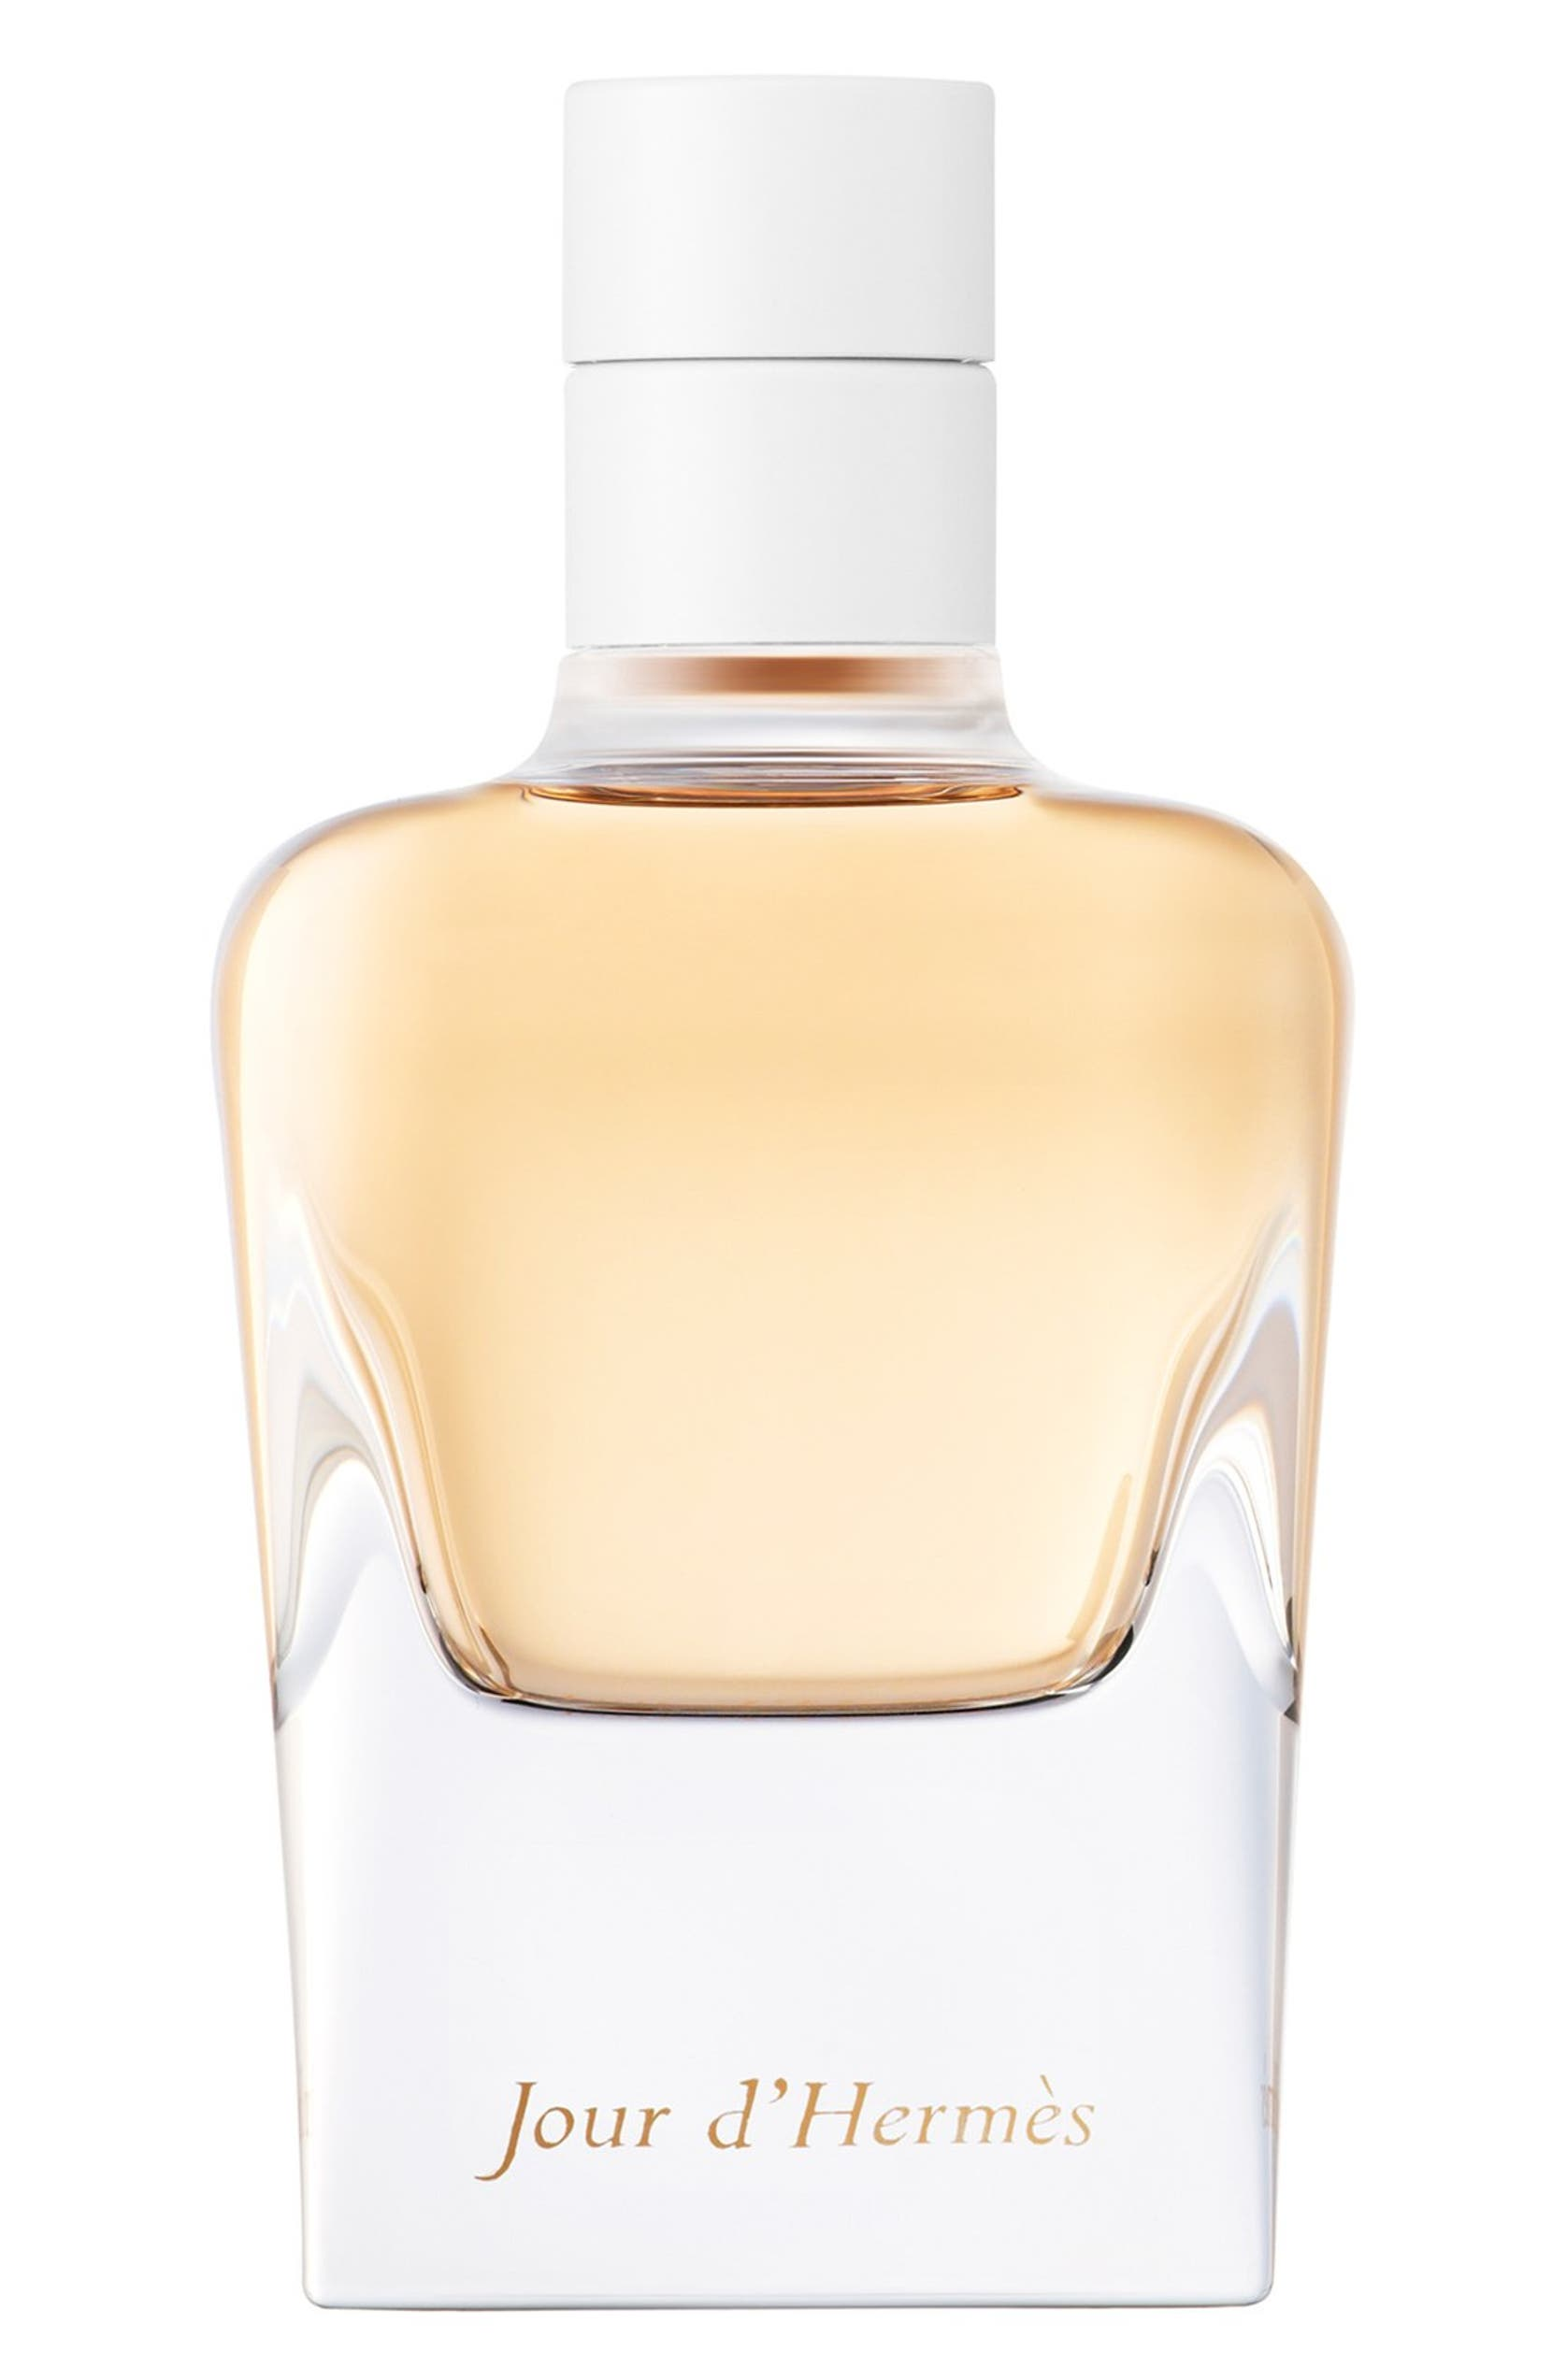 Hermès Jour Dhermès Eau De Parfum Spray Nordstrom